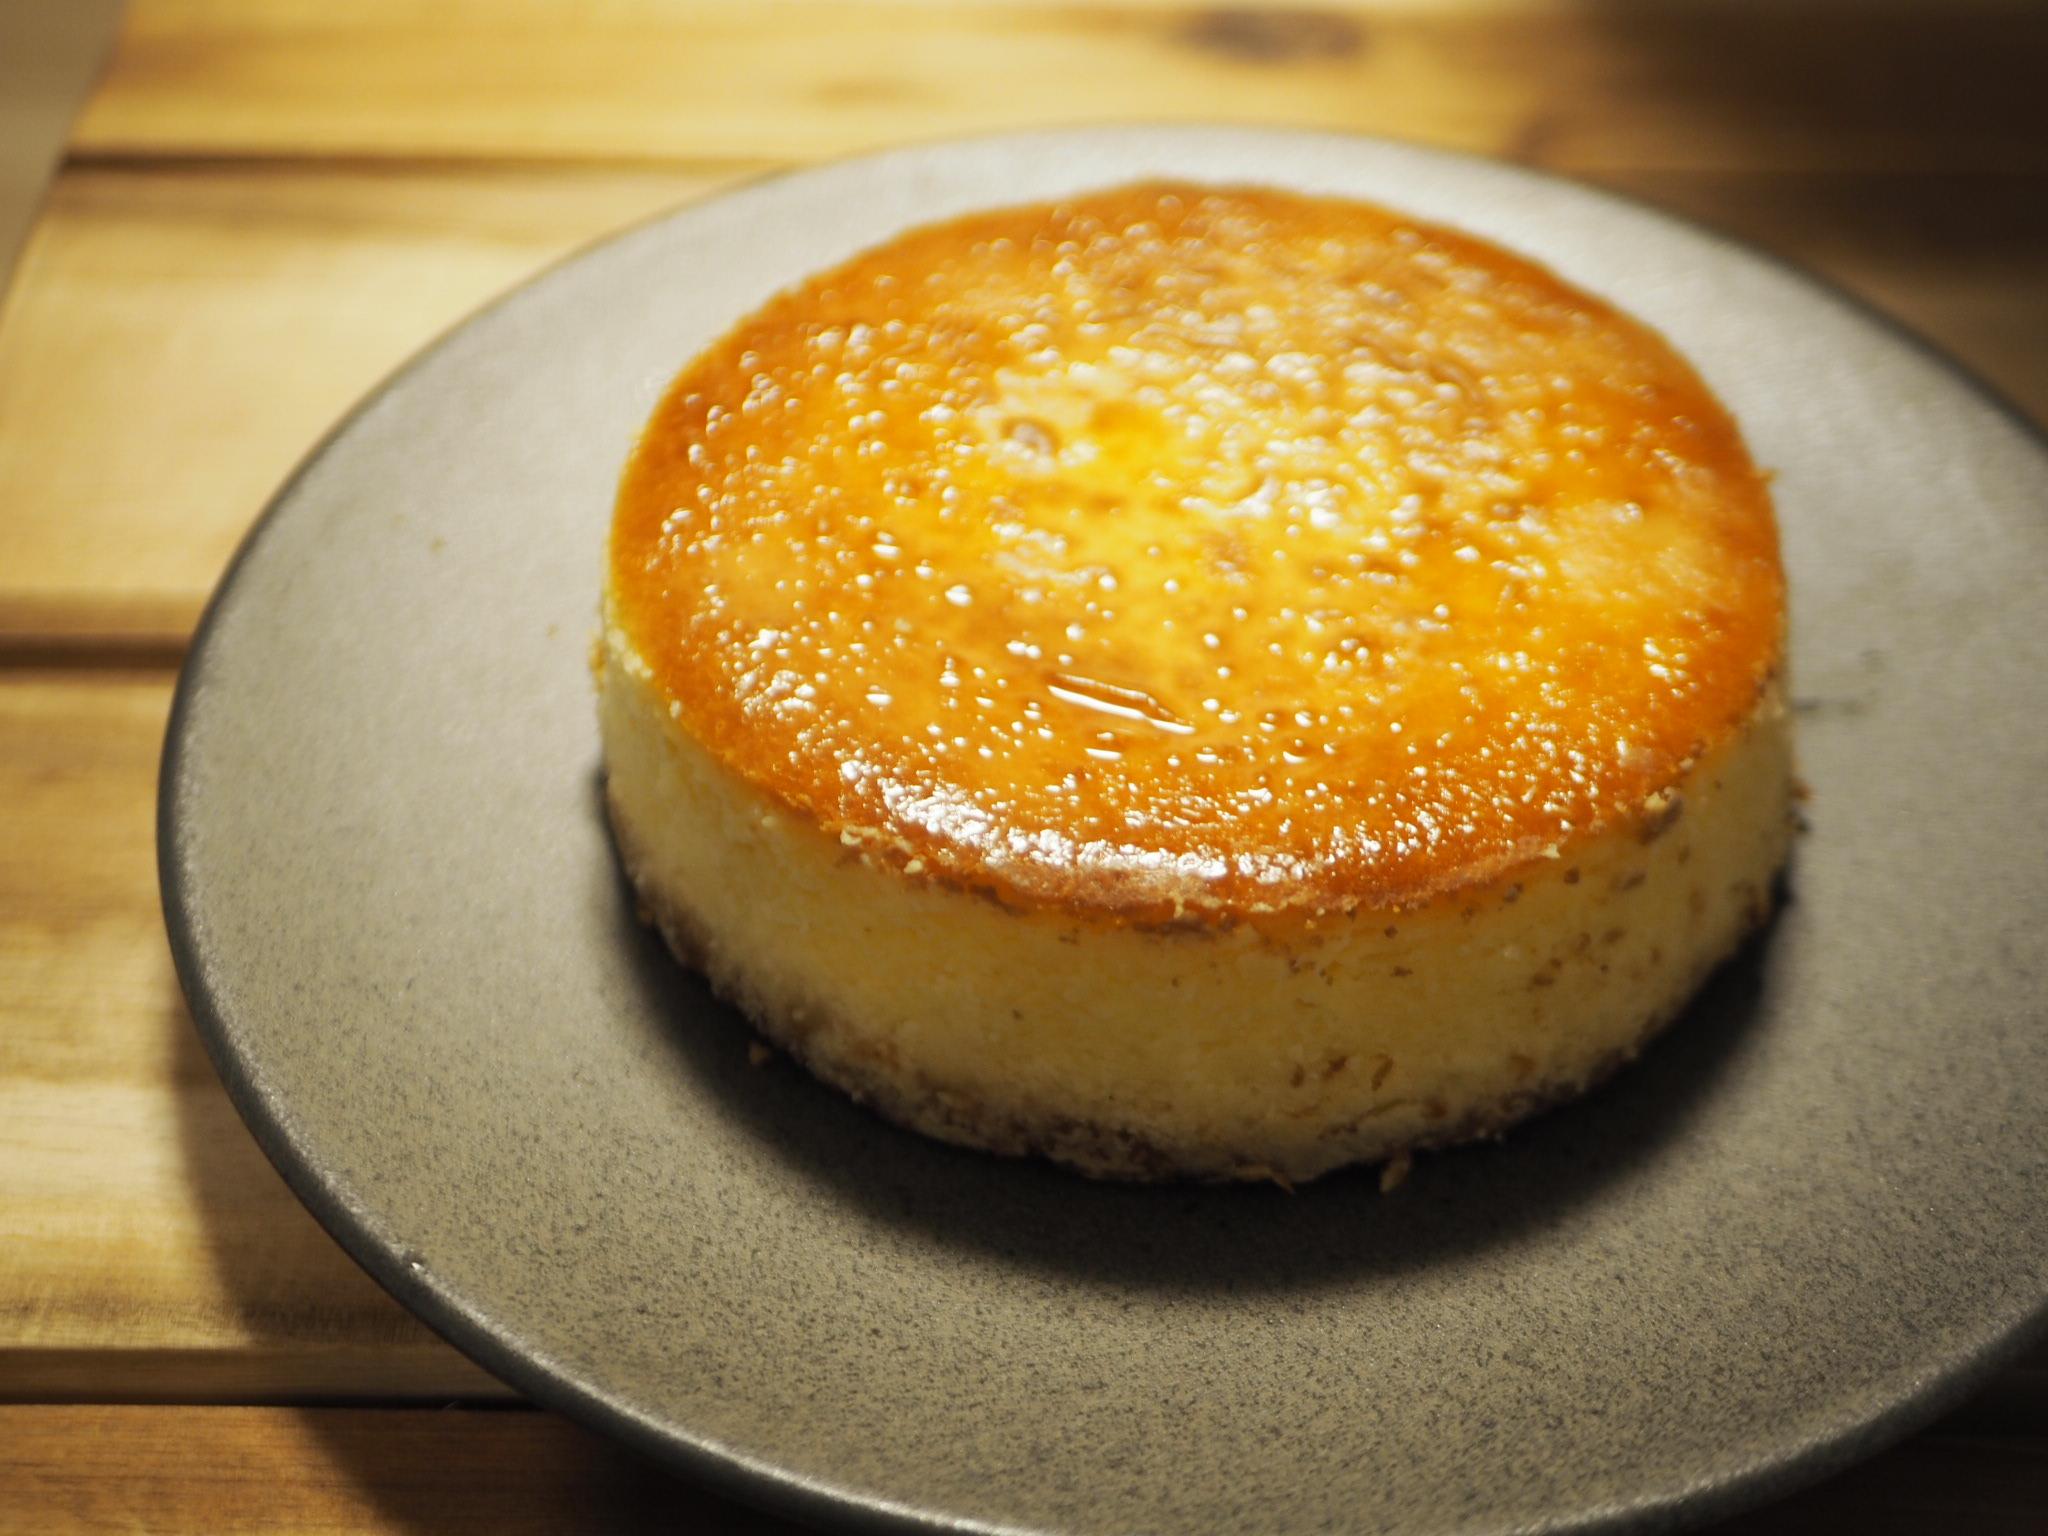 材料混ぜて焼くだけ!本格的な味わい♡【手作りベイクドチーズケーキ】のおすすめレシピ♡_6